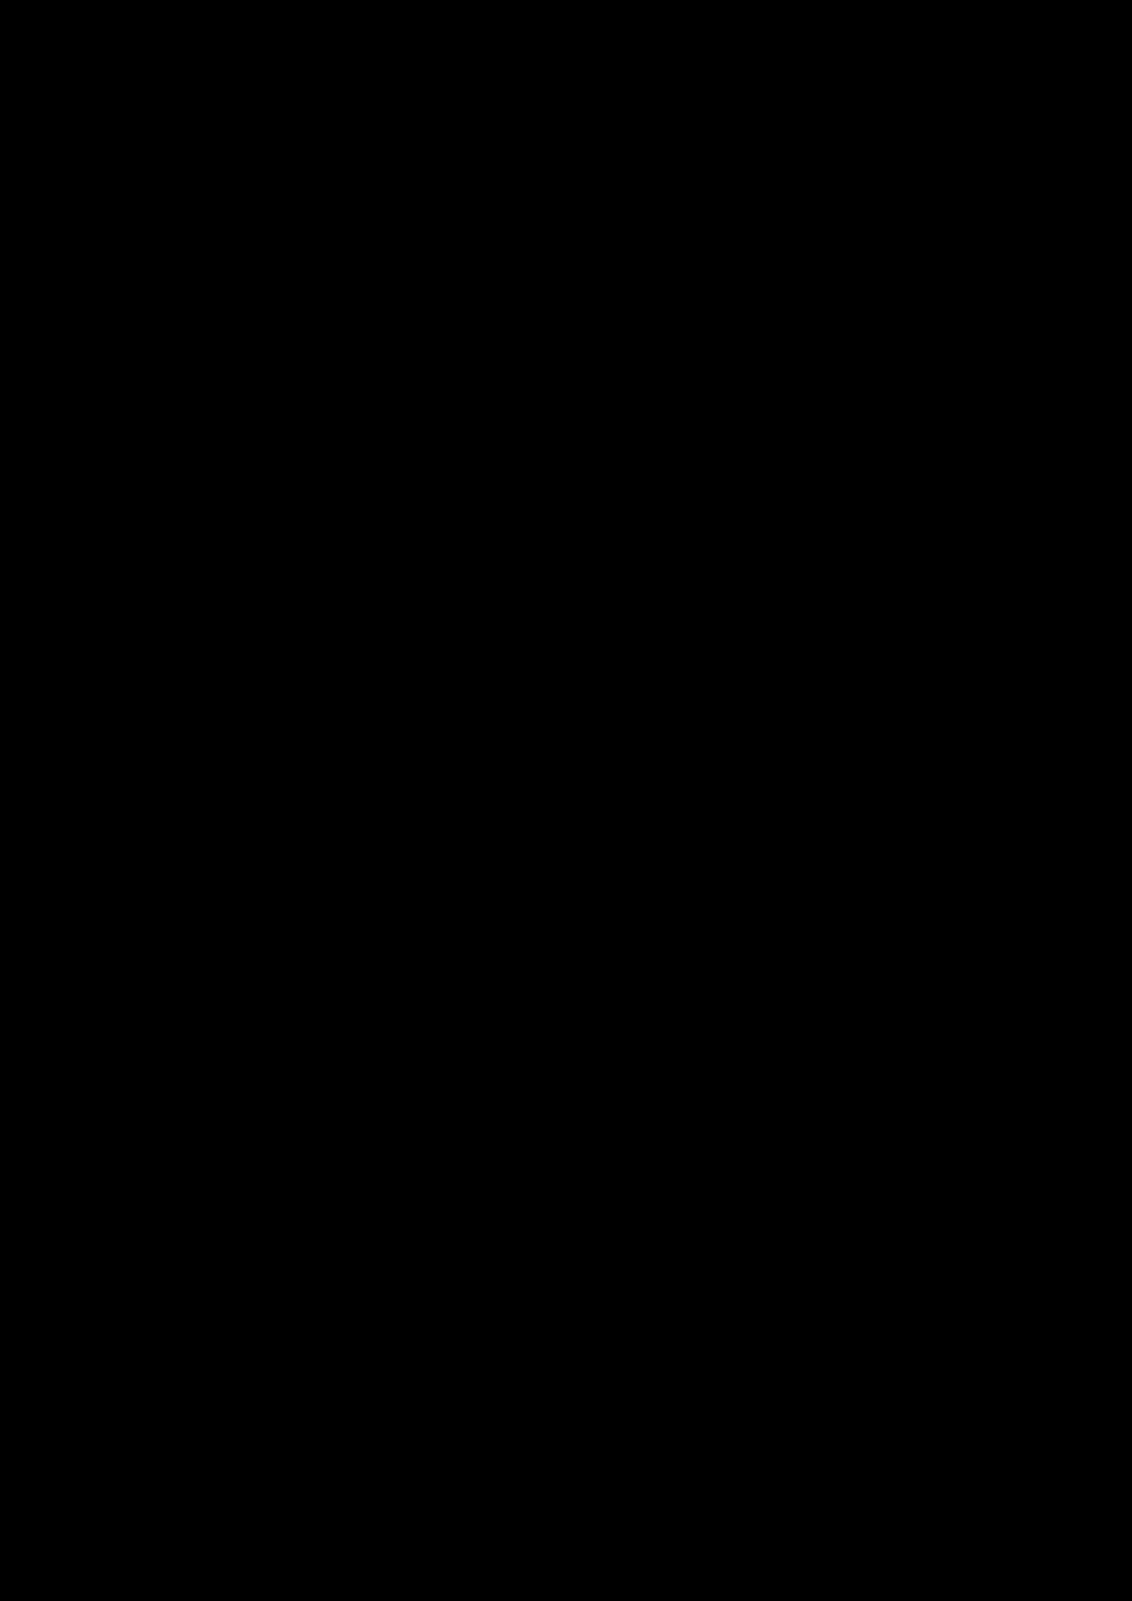 Kreyser Avrora slide, Image 1